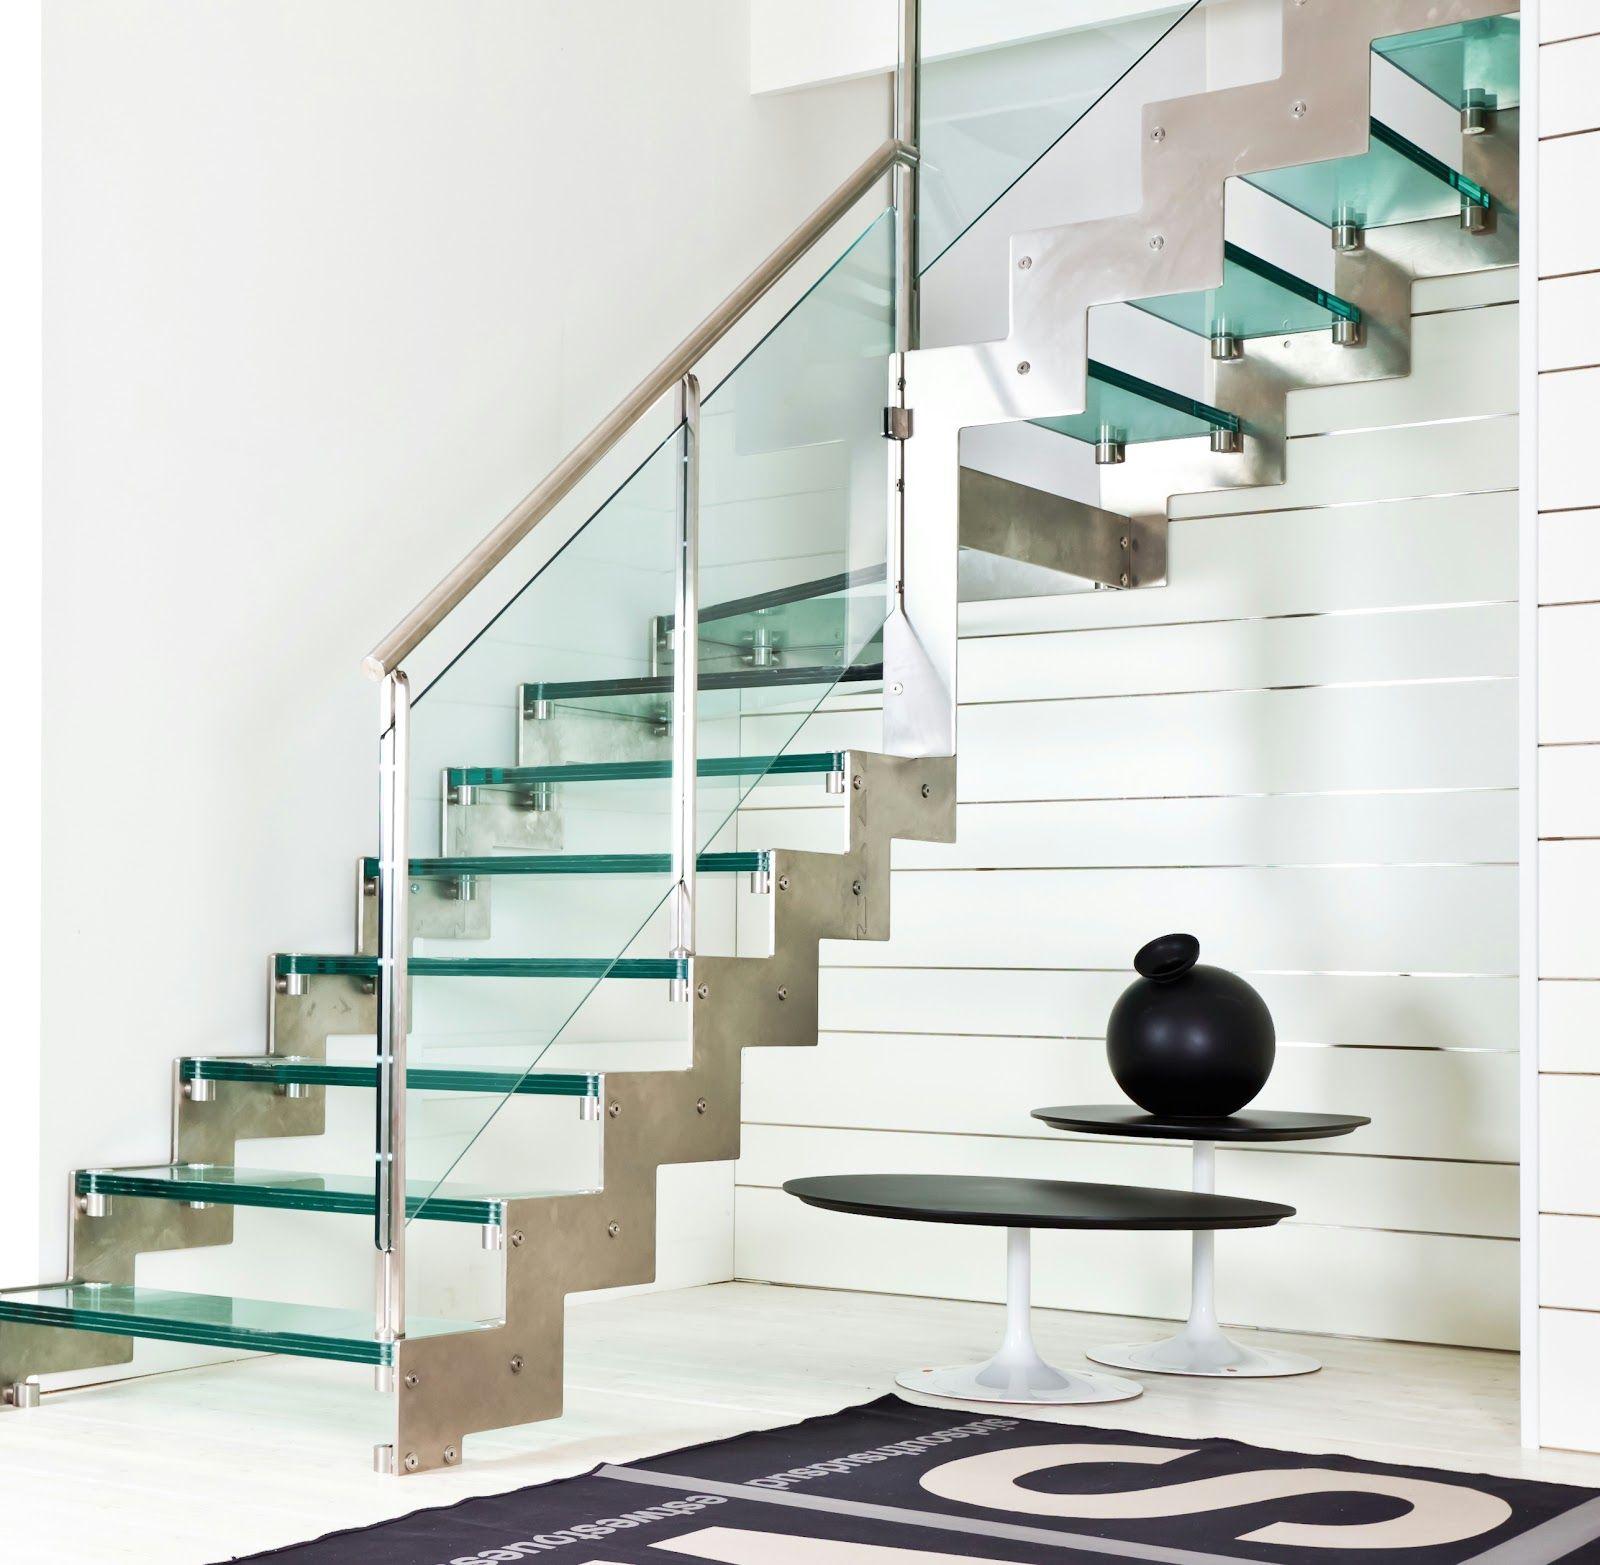 Escalera De Vidrio Y Metal Templados Pinterest Escaleras De  ~ Materiales Para Peldaños De Escaleras Interiores